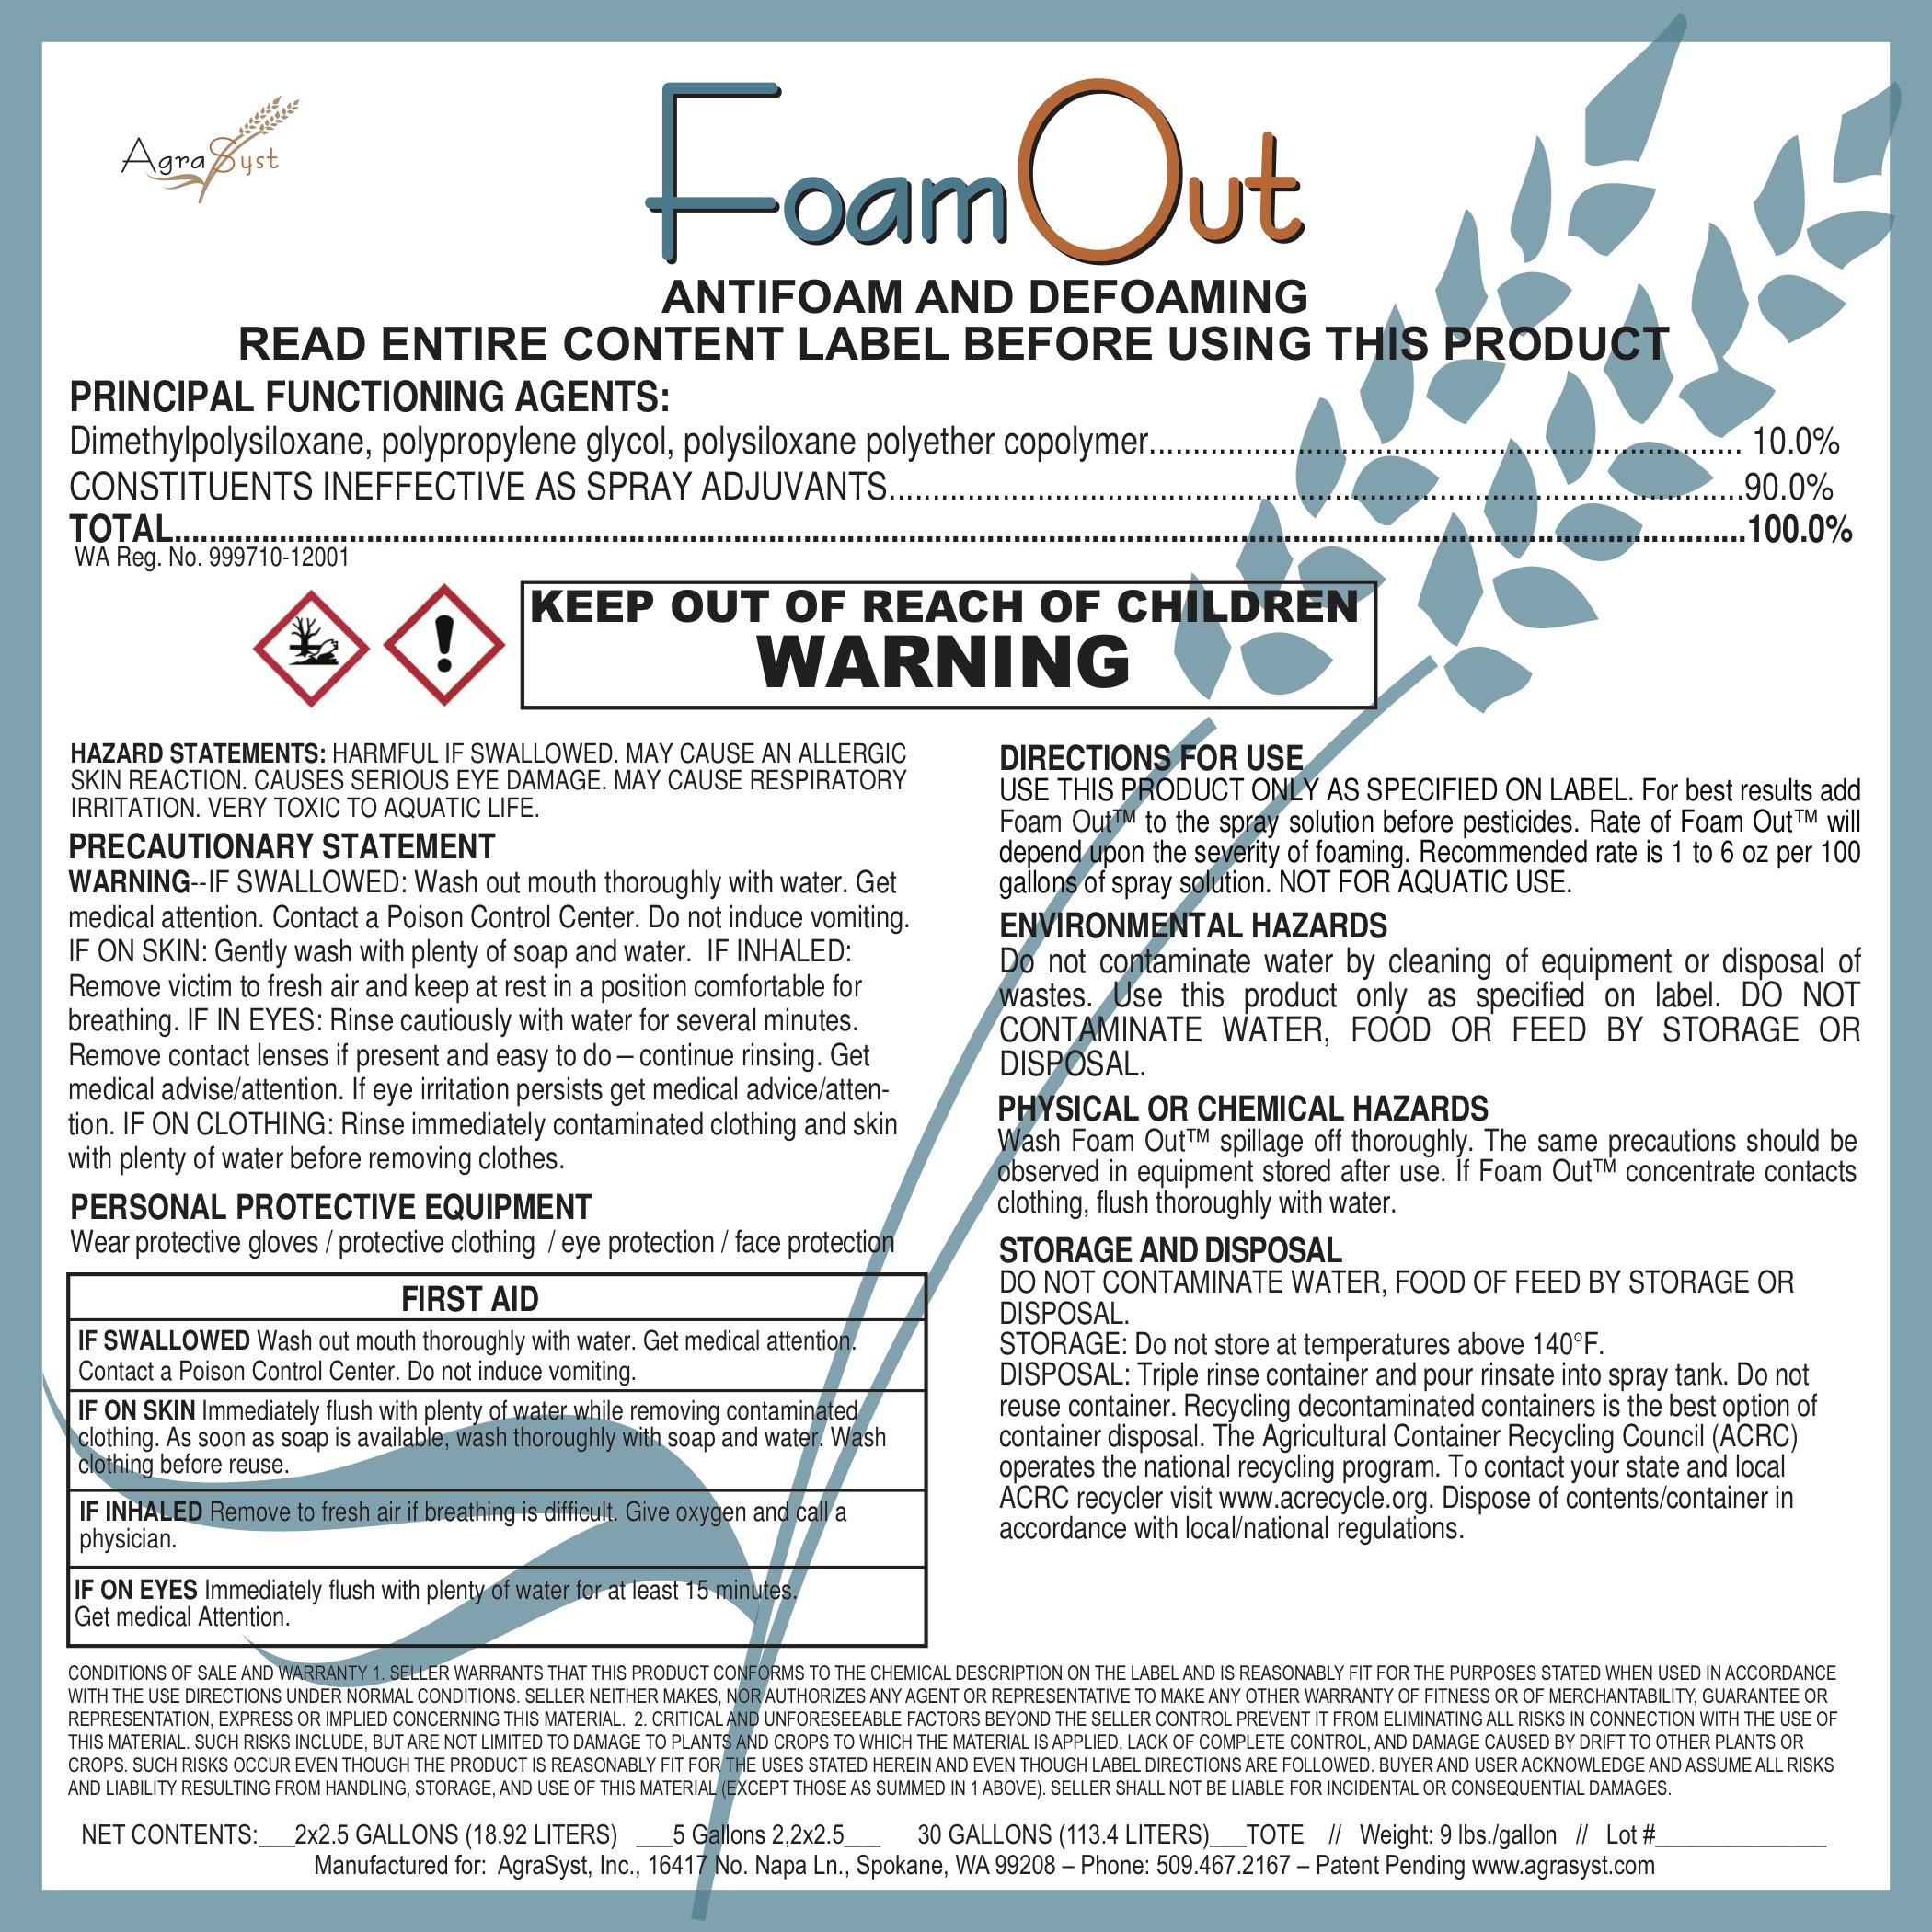 FoamOut label .jpg